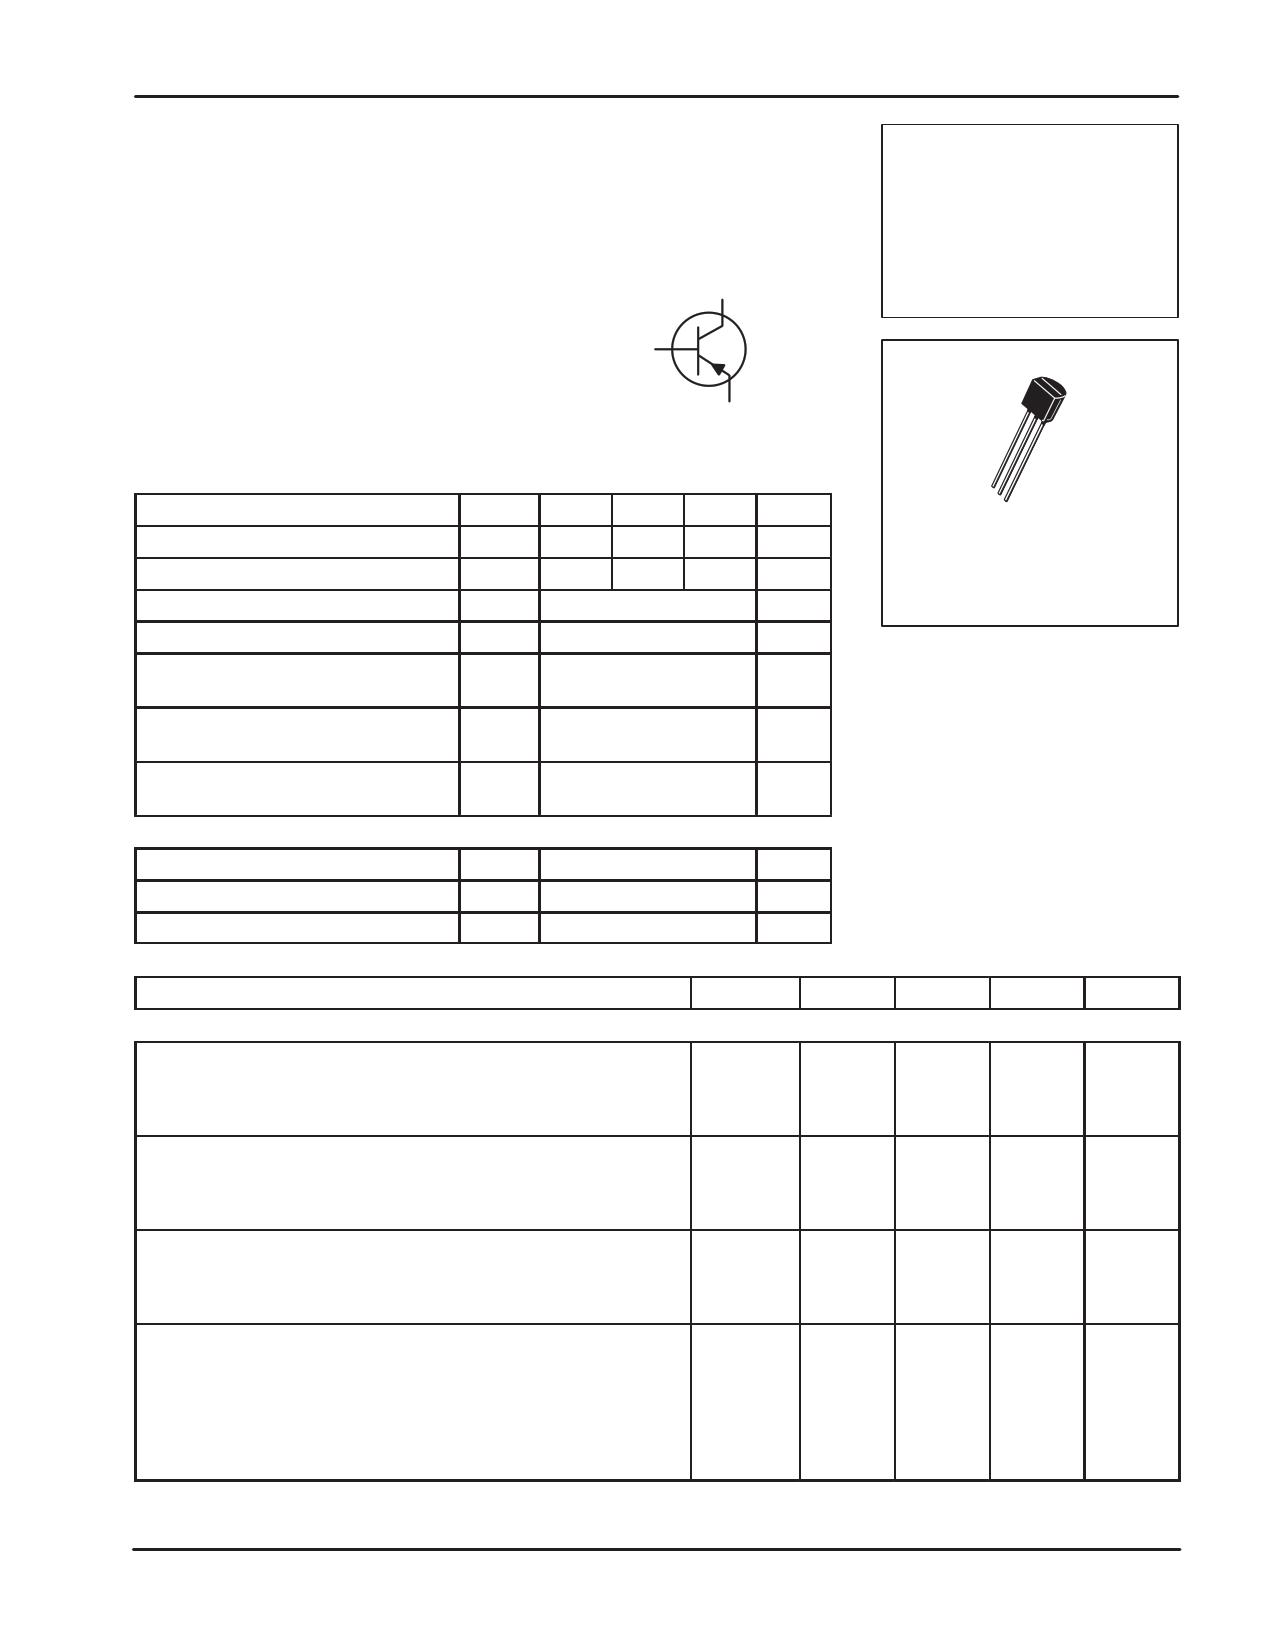 BC557 데이터시트 및 BC557 PDF